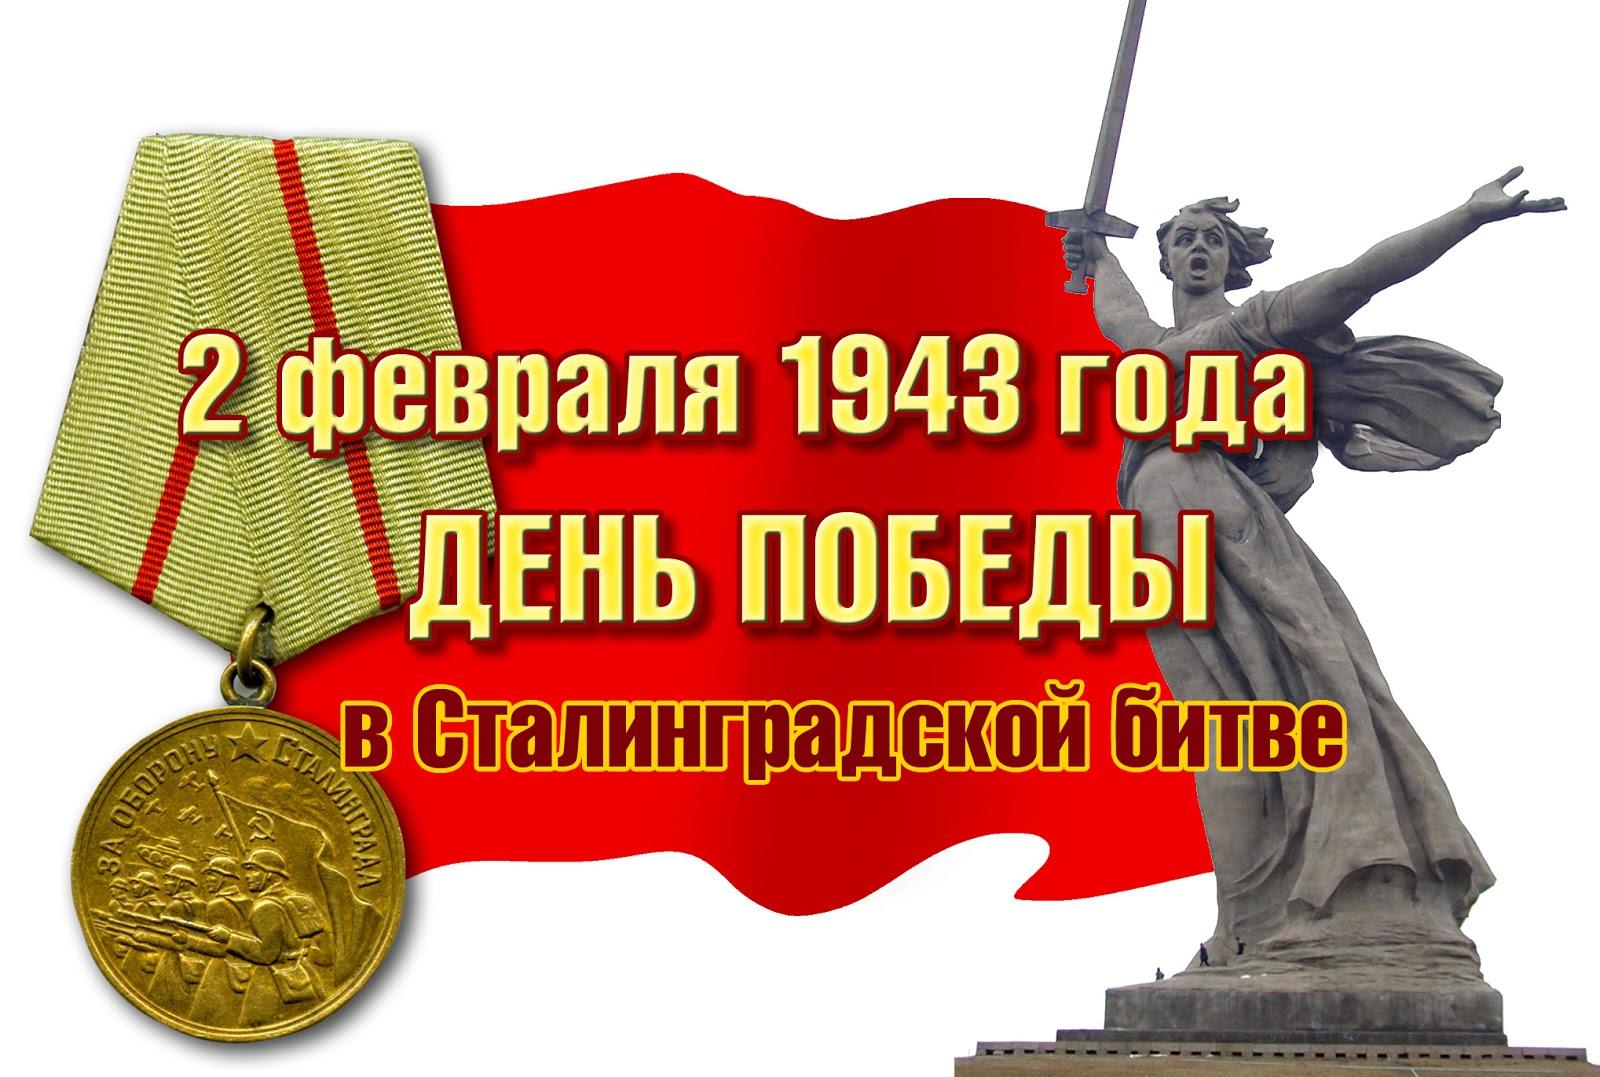 Эмблема Сталингр битве